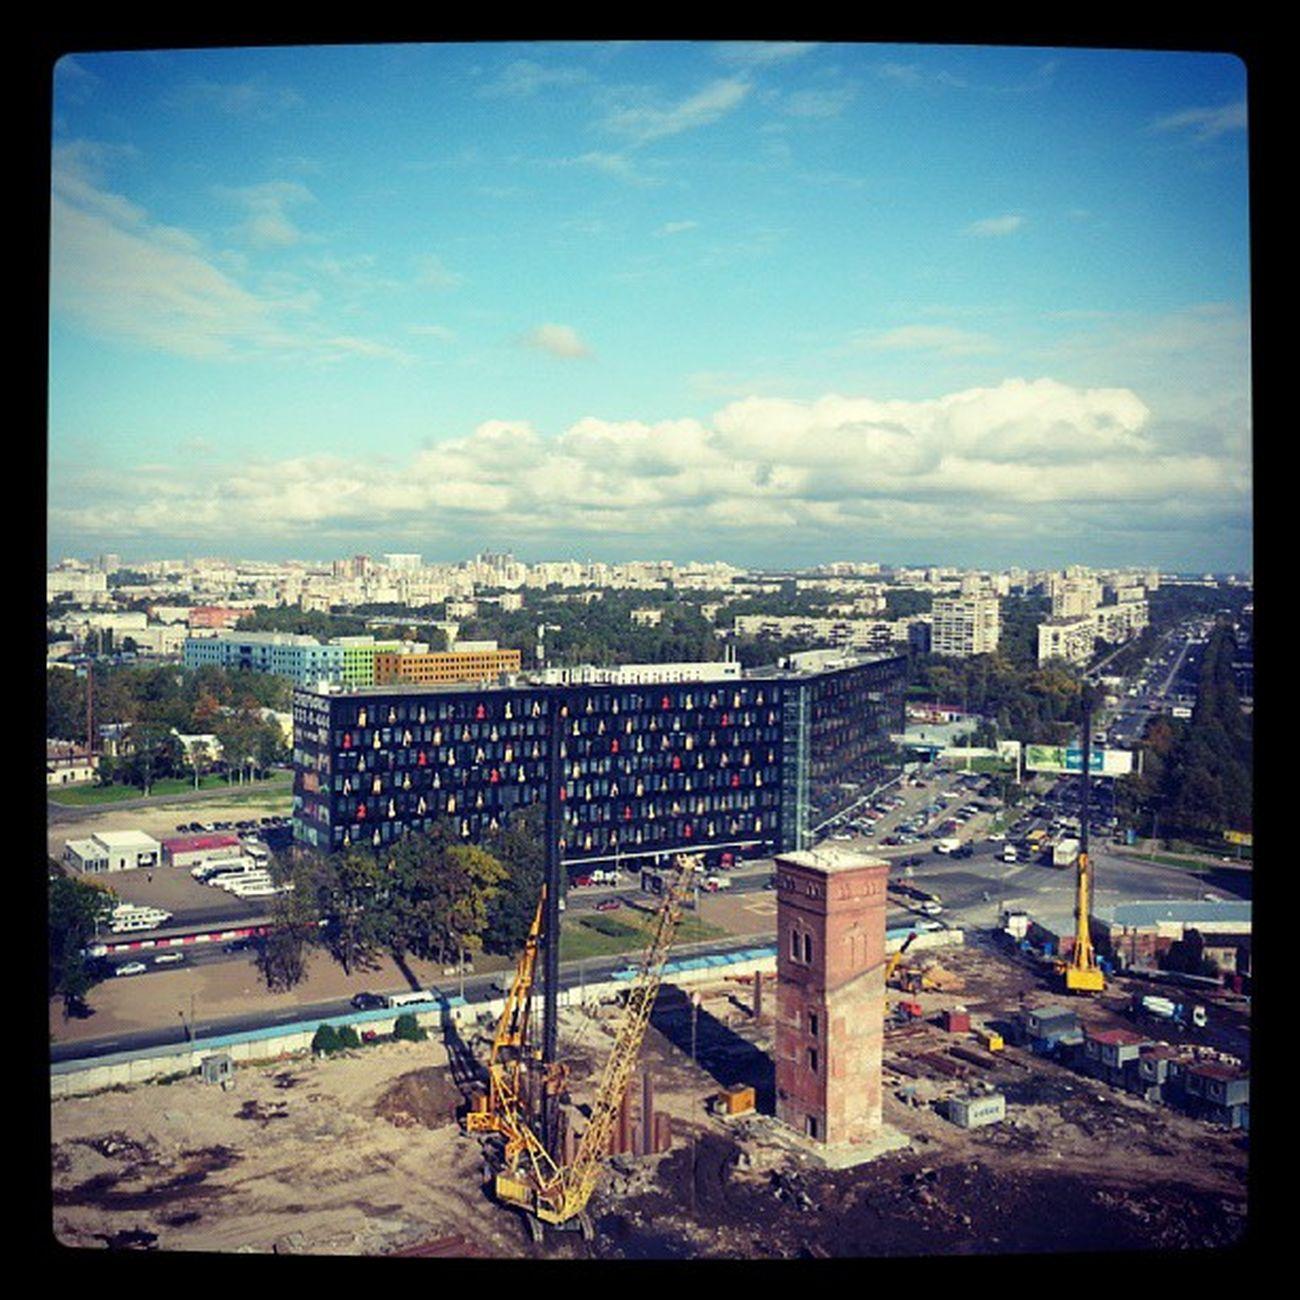 """Вот это черное, в веселую крапинку, здание - БЦ """"Бенуа"""" где распологается Питерский филиал Яндекса, кто не знает. yandex"""